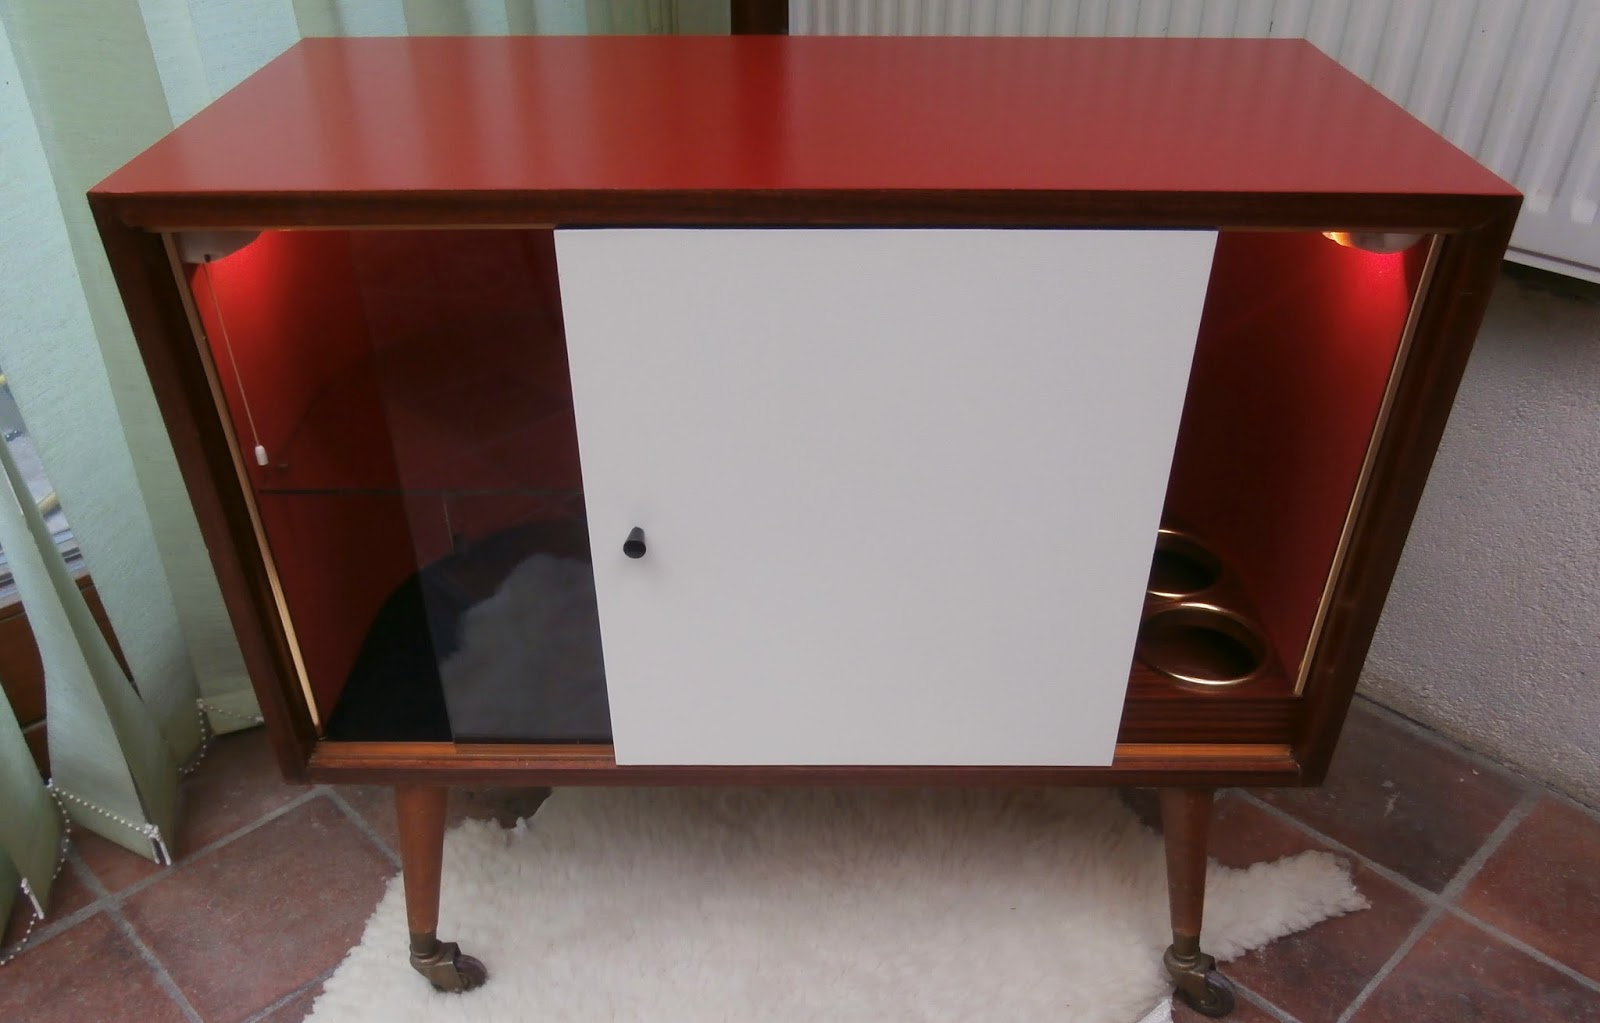 dur e de vie ind termin e meuble bar lumineux rouge et blanc. Black Bedroom Furniture Sets. Home Design Ideas